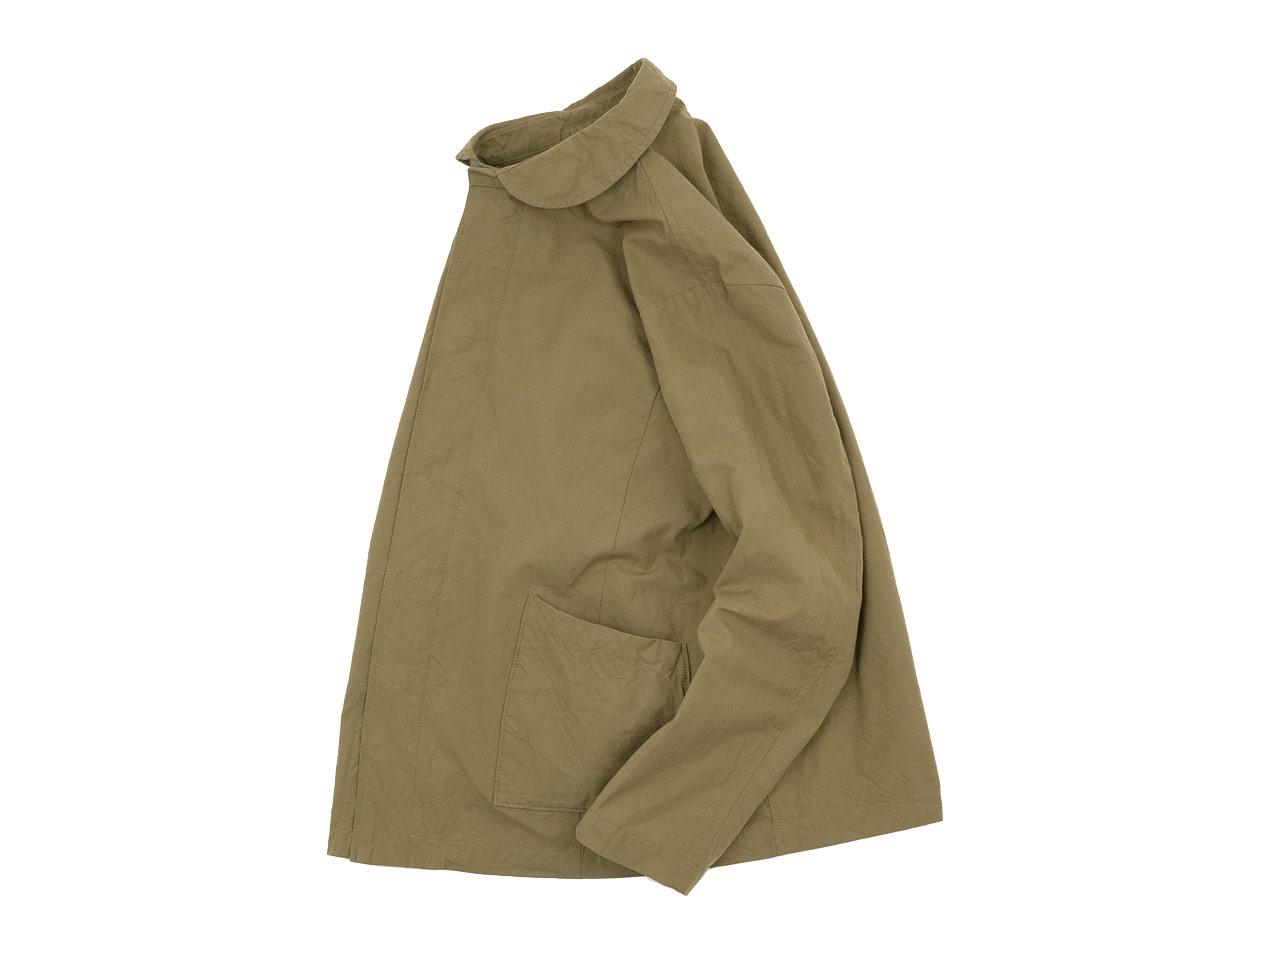 RINEN 40/2高密度平織 ガーデンジャケット